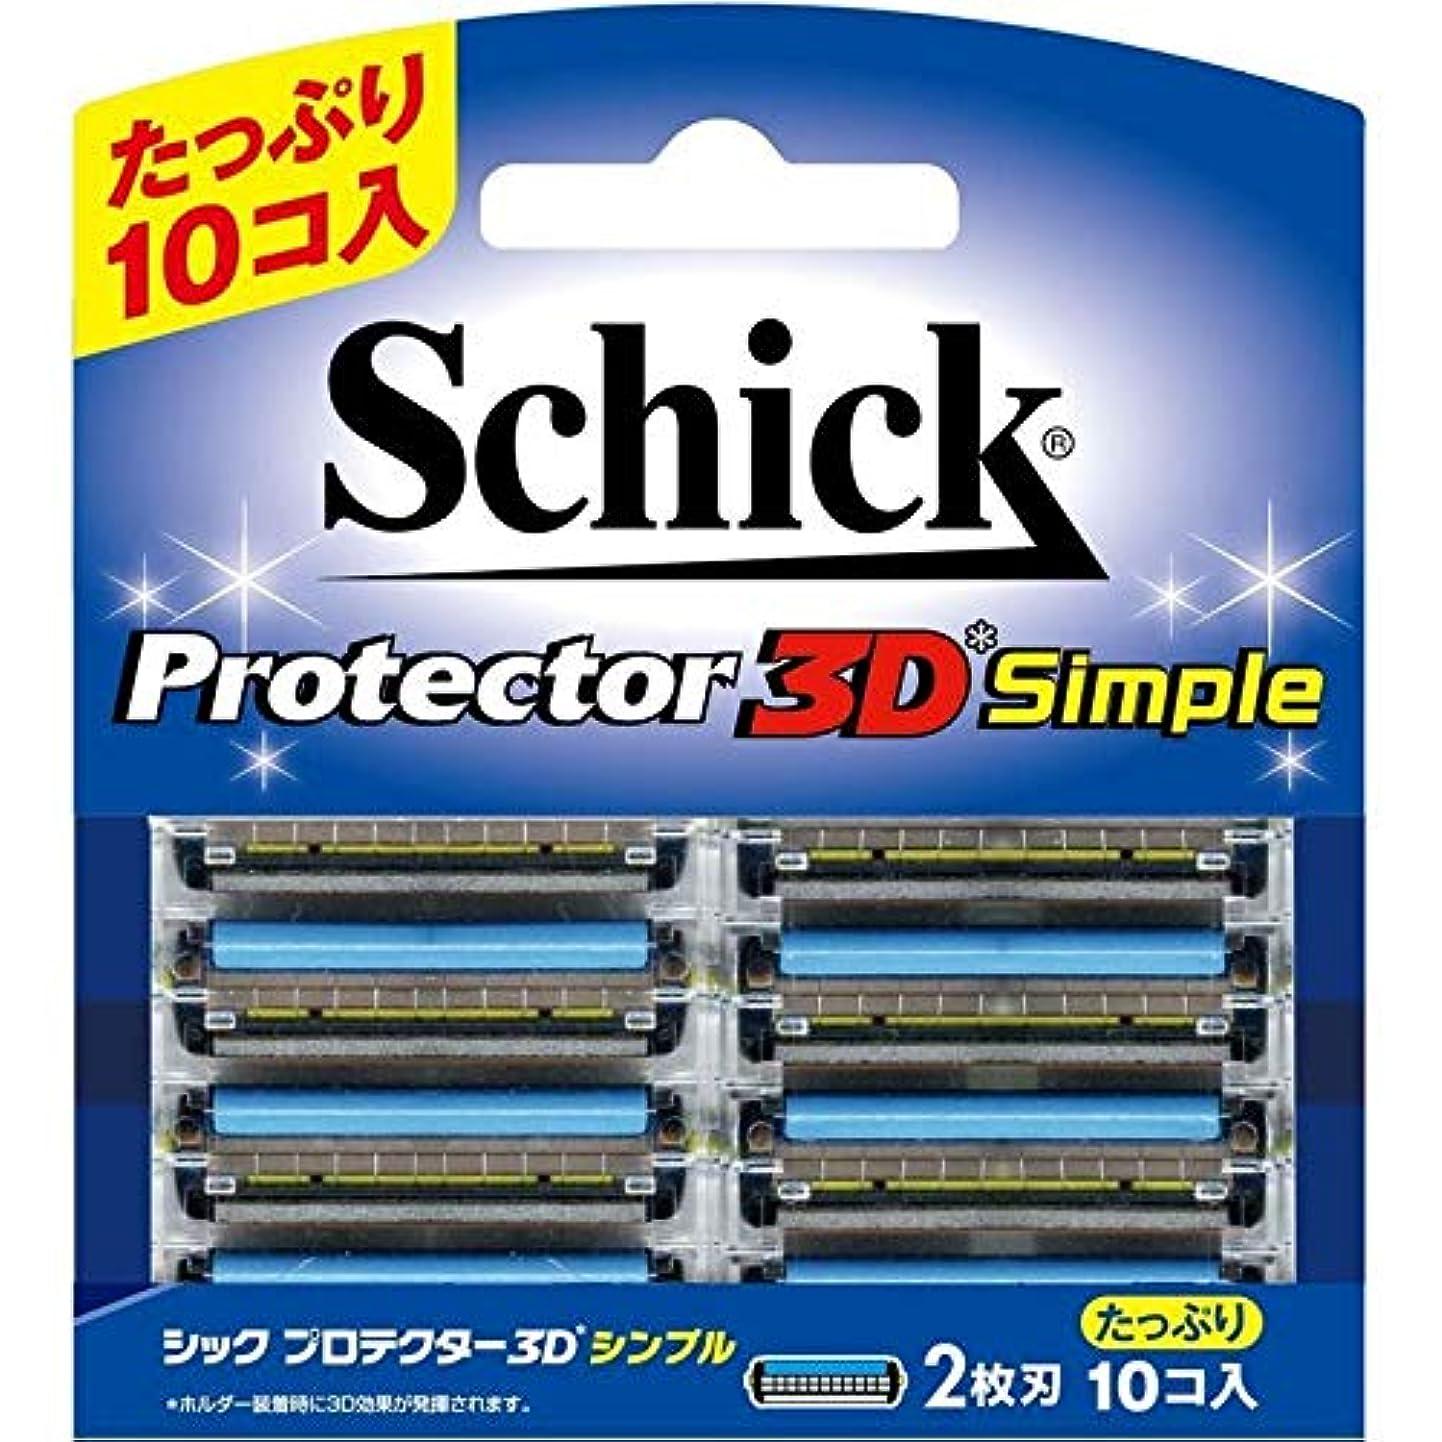 均等に思い出させる見てシック プロテクター3D シンプル 替刃 (10コ入) 男性用カミソリ 2個セット